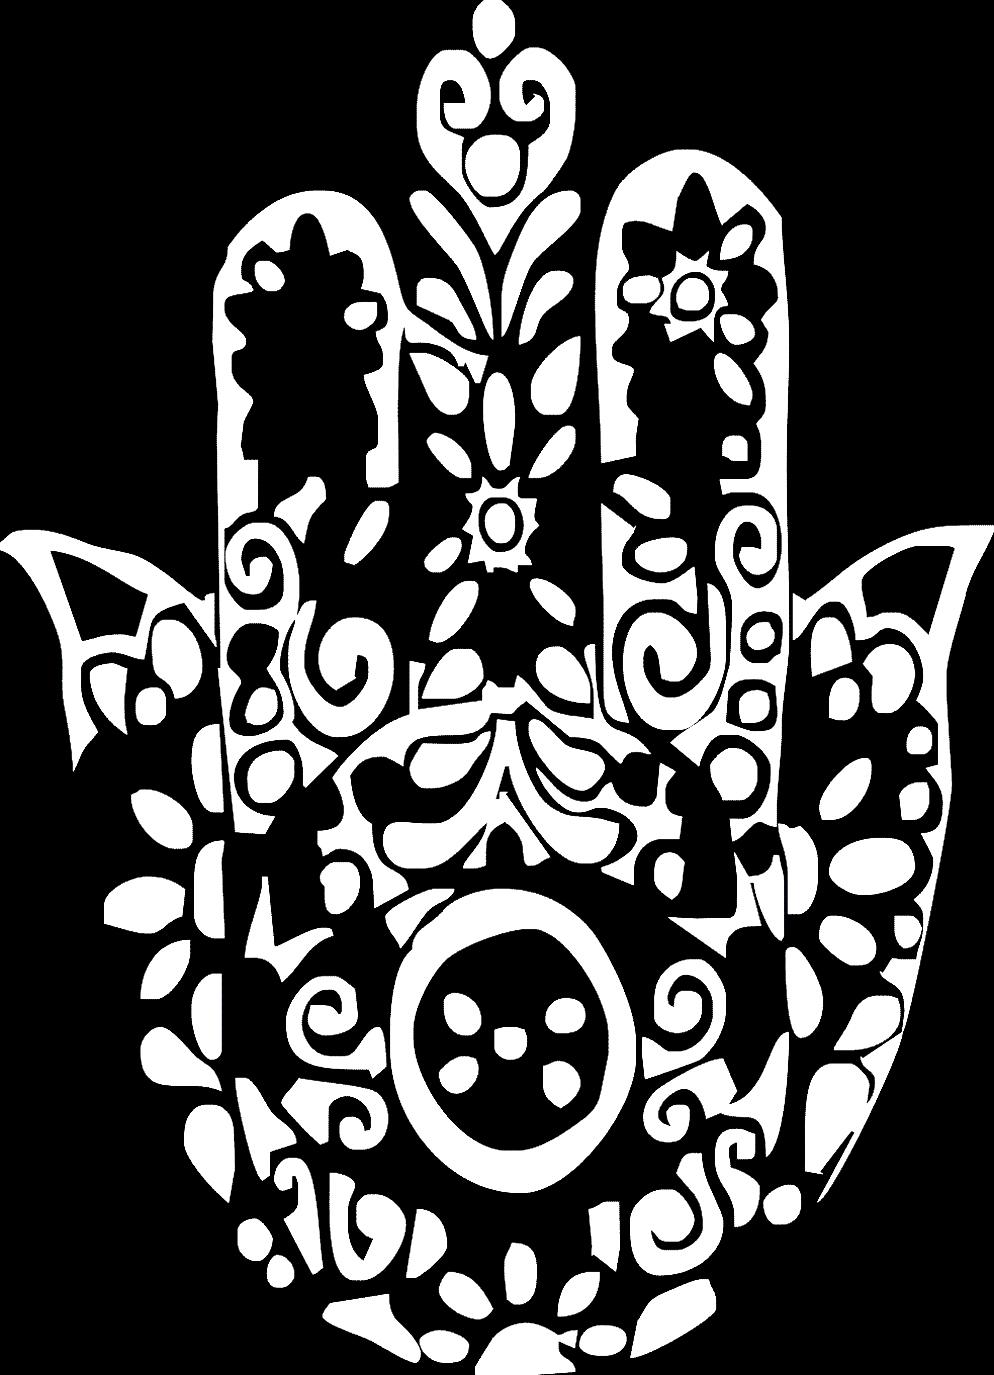 La main de Fatma (ou Fatima, ou Khamsa) est considéré comme une « main protectrice » voire même une « main de Dieu ». En voici une à mettre en couleur